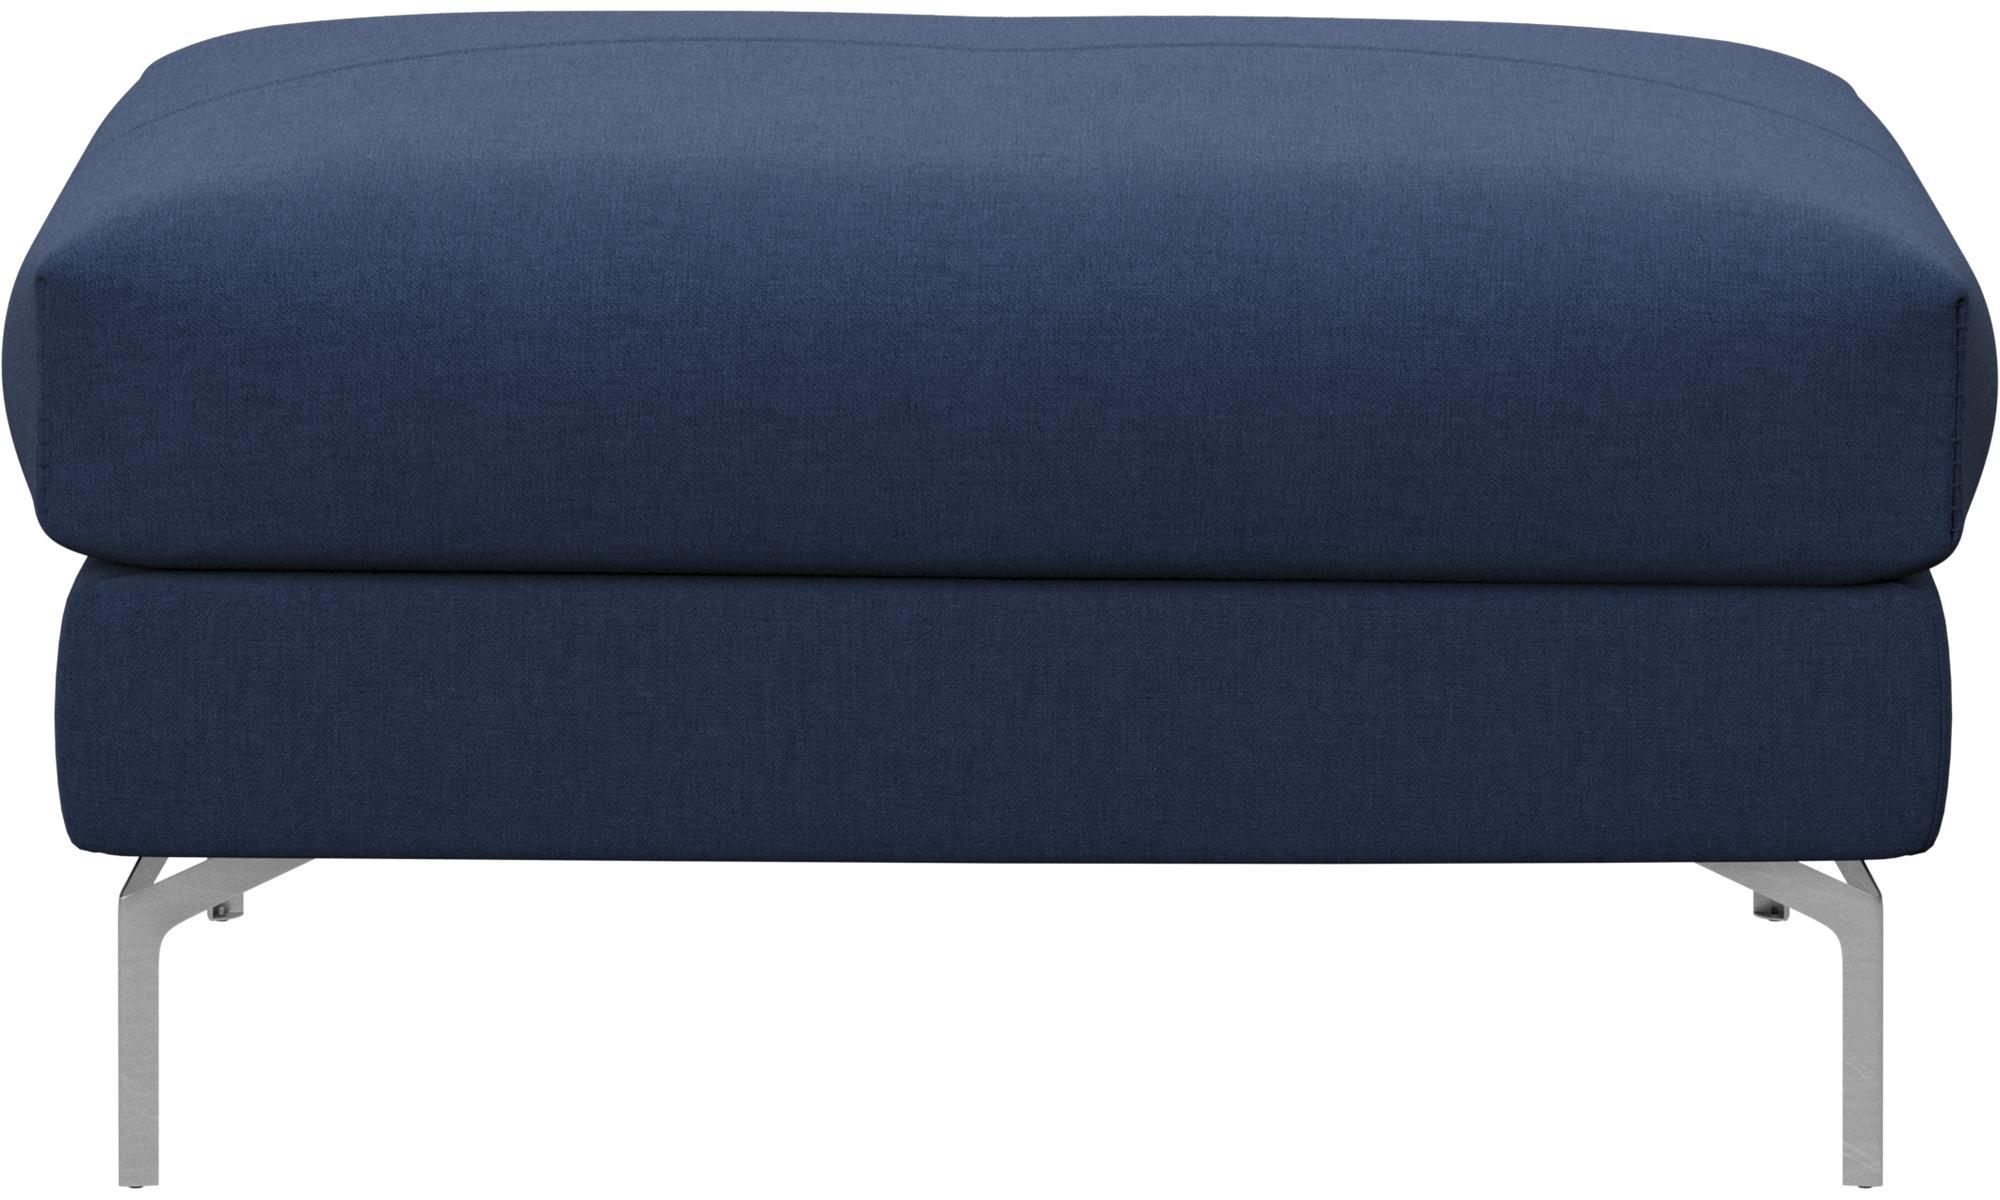 fauteuils en voetenbanken nice voetenbank boconcept. Black Bedroom Furniture Sets. Home Design Ideas